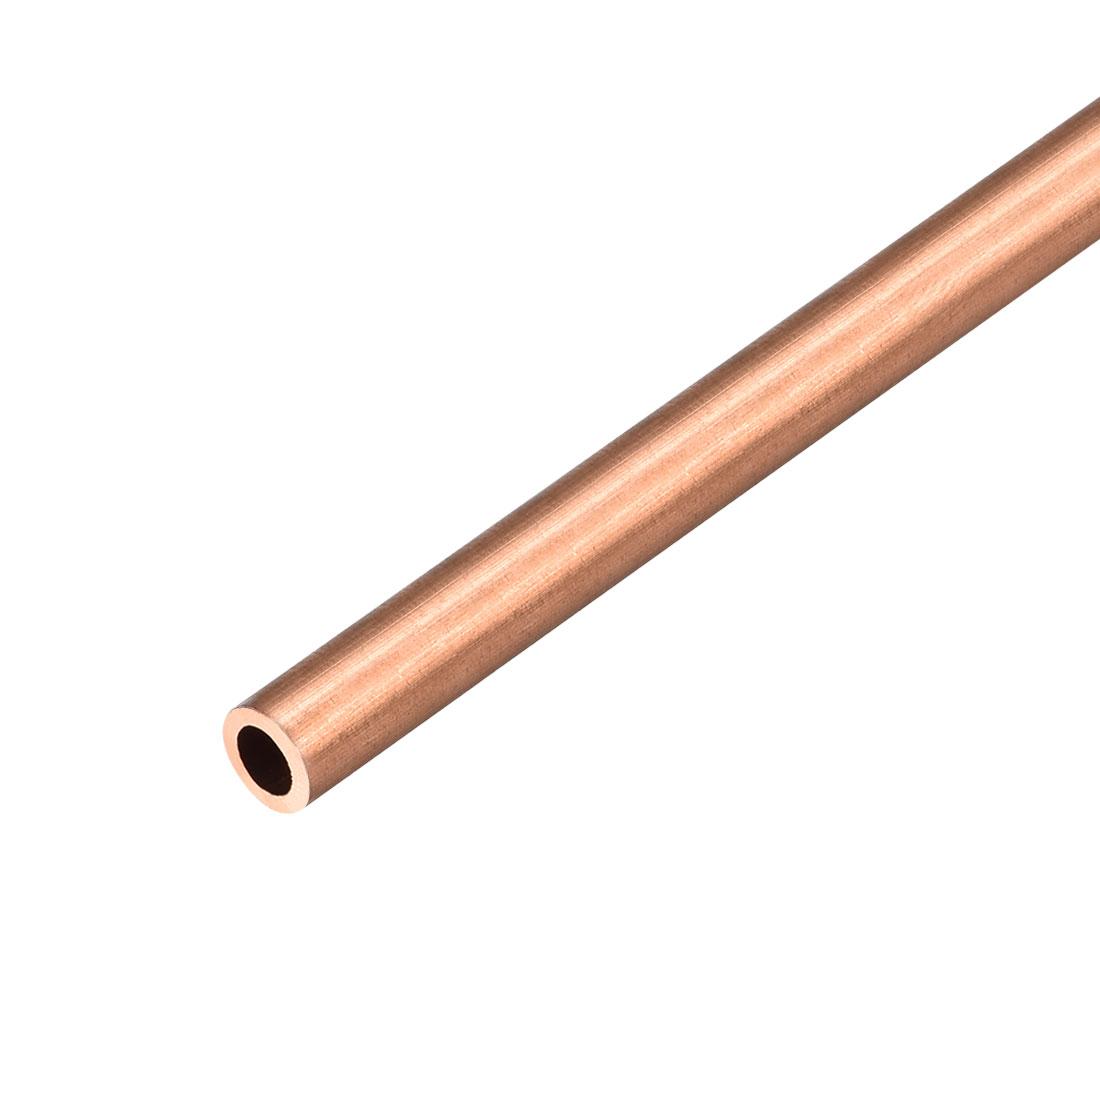 8mm Outside Diameter x 5mm Inside Diameter 500mm Copper Round Tube Pipe